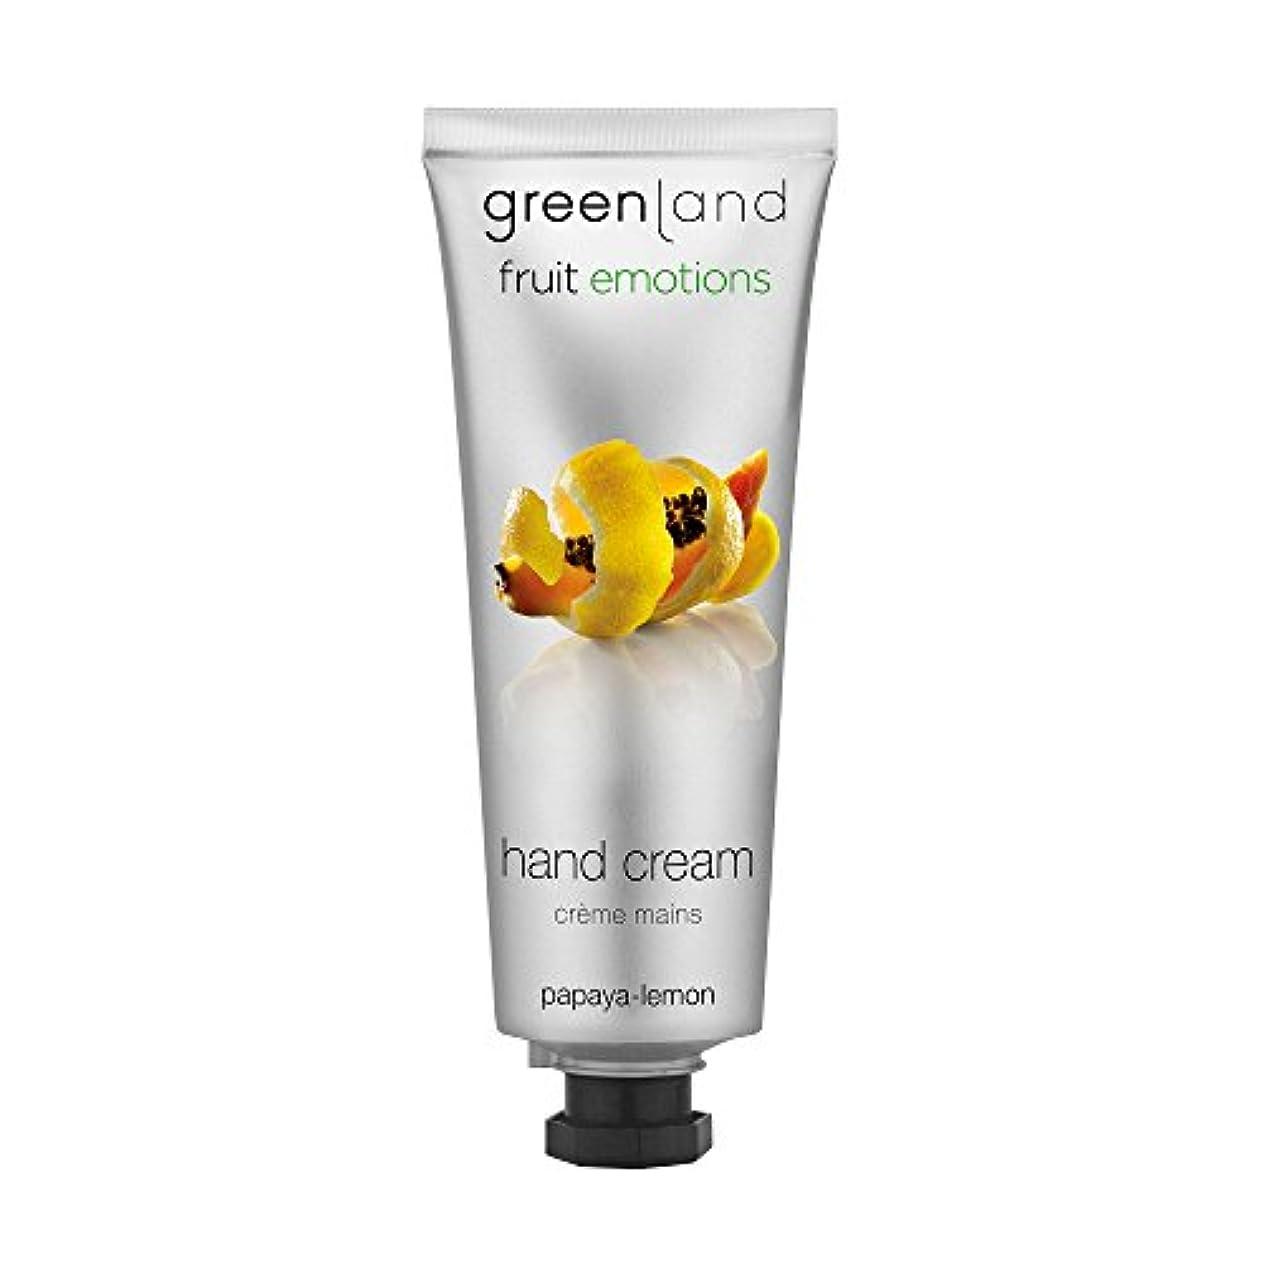 浴公平なそのgreenland [FruitEmotions] ハンドクリーム 75ml パパイア&レモン FE0531